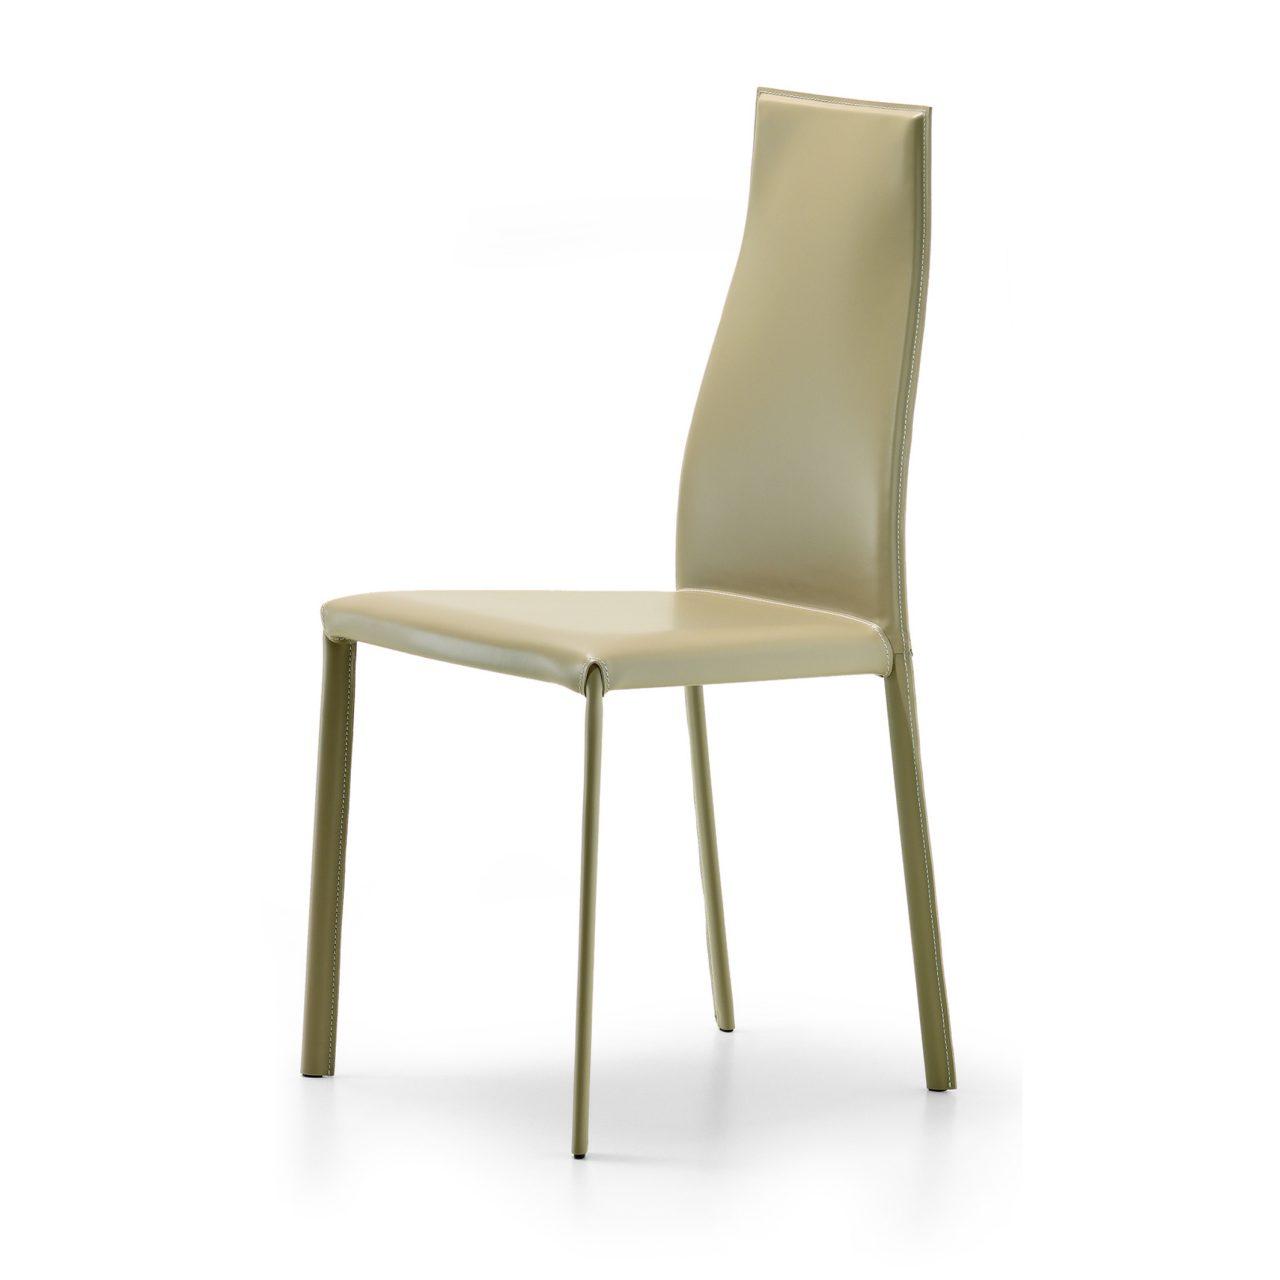 Kaori dining chair